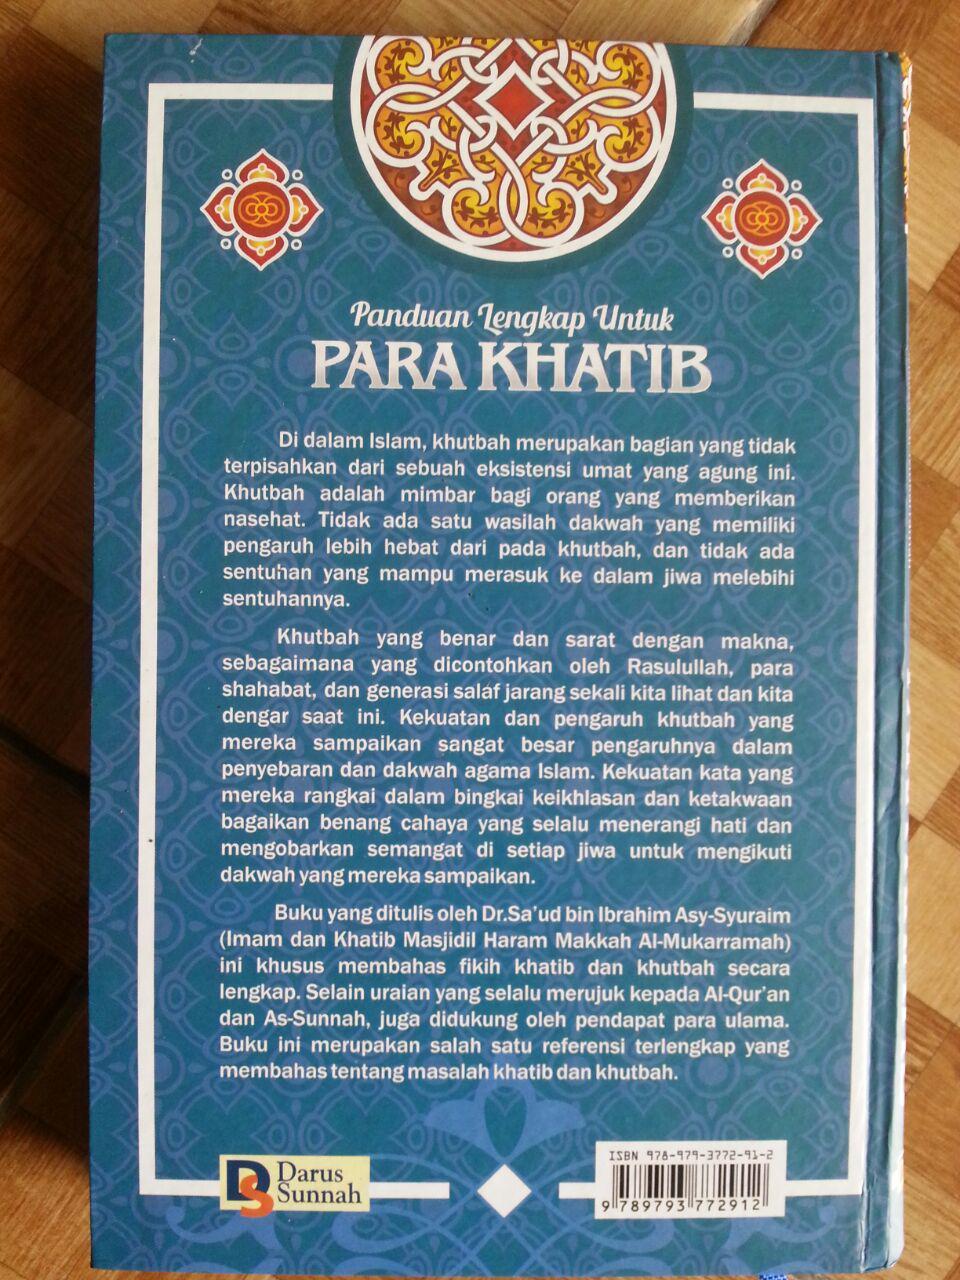 Buku Panduan Lengkap Untuk Para Khatib cover